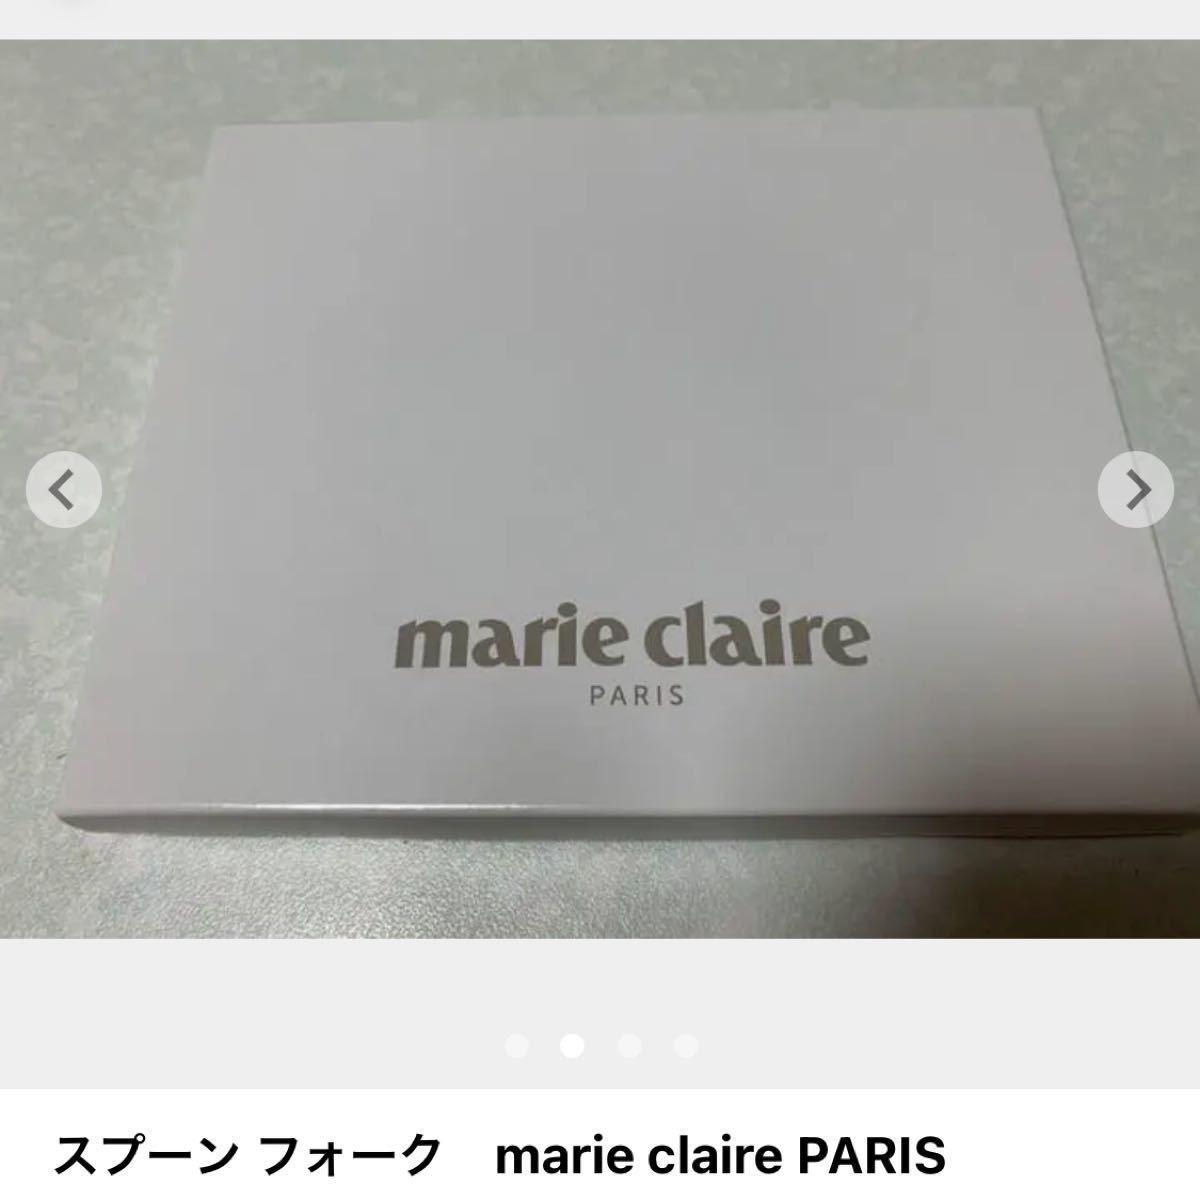 スプーン フォーク marie claire PARIS コーヒースプーン